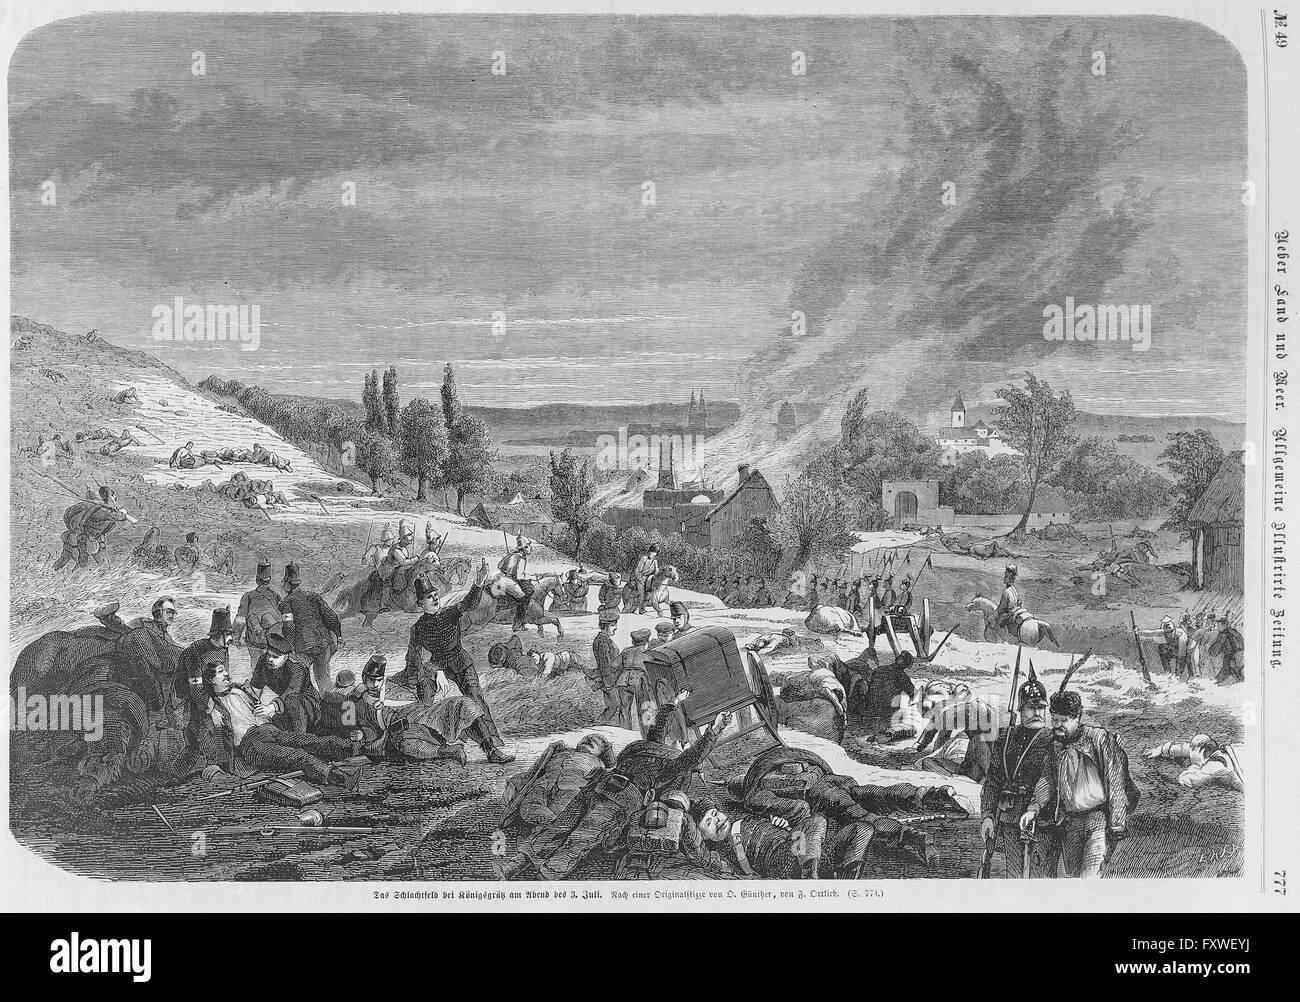 Schlachtfeld von Königgrätz am 03.07.1866 - Stock Image